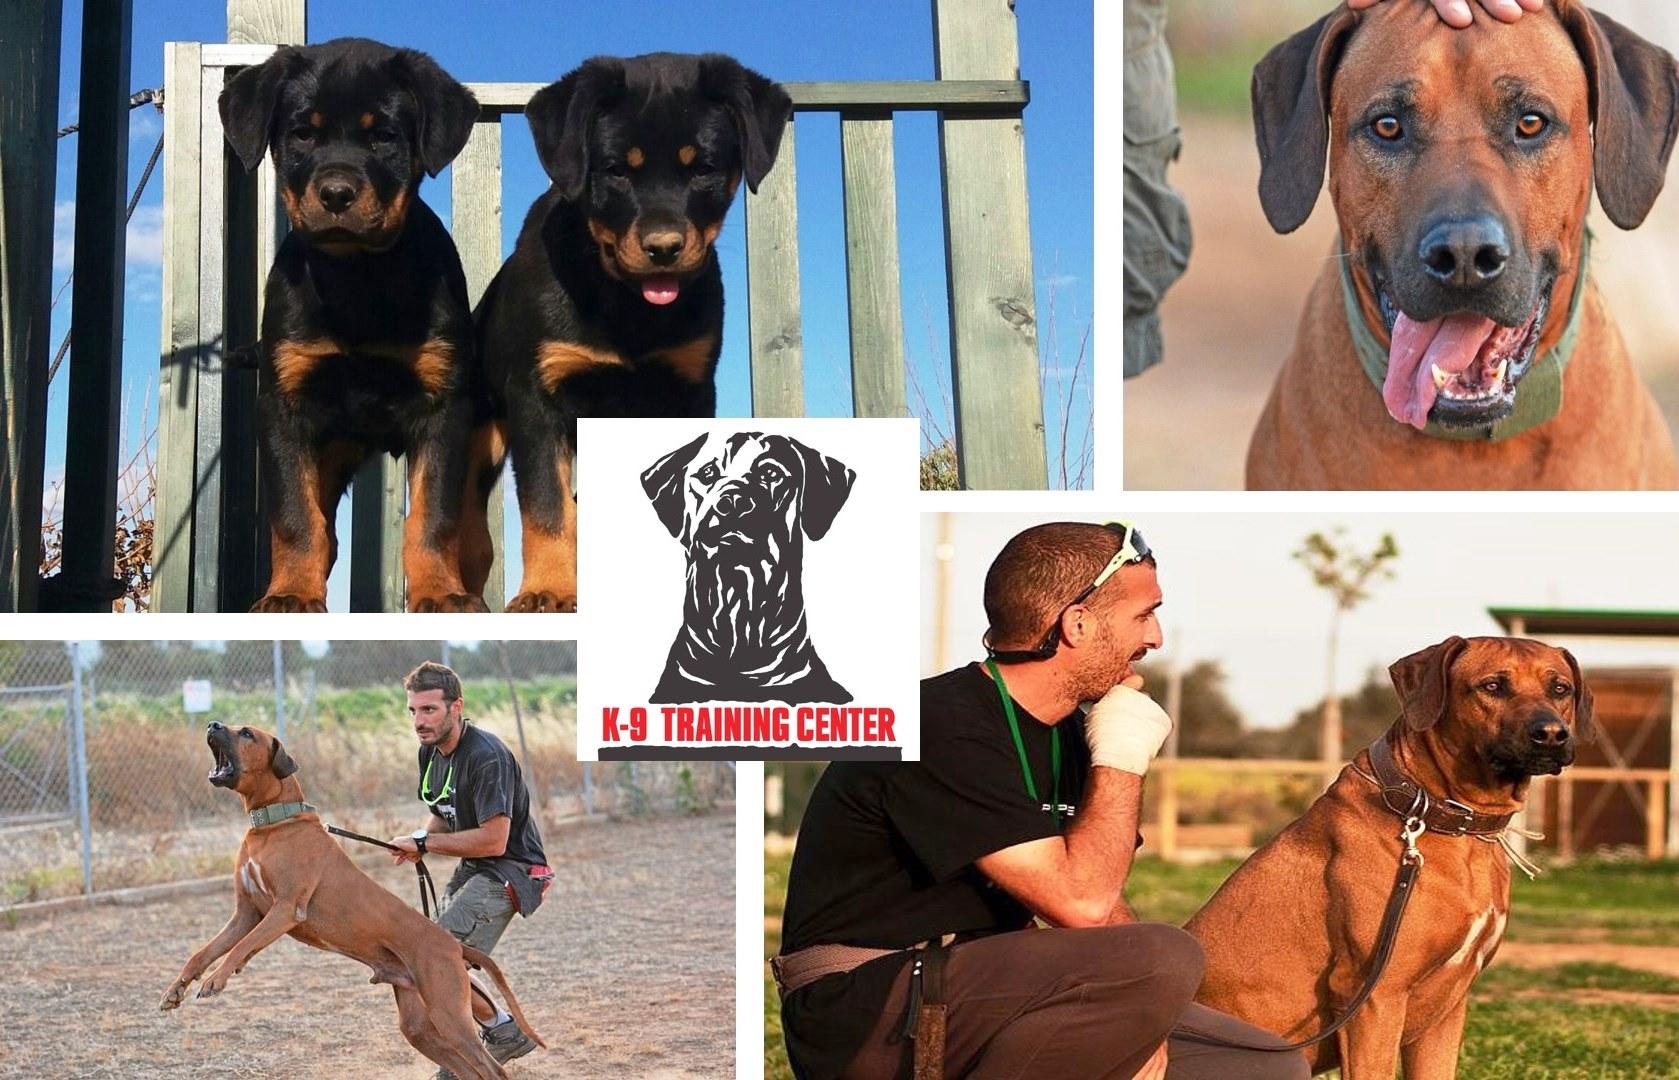 40% Έκπτωση για Πρόγραμμα Εκπαίδευσης Σκύλου (Υπακοή ή Σωματοφυλακή) ή Εκπαιδευτική Διαμονή, στο ''K9 Training Center'' στην Παιανία